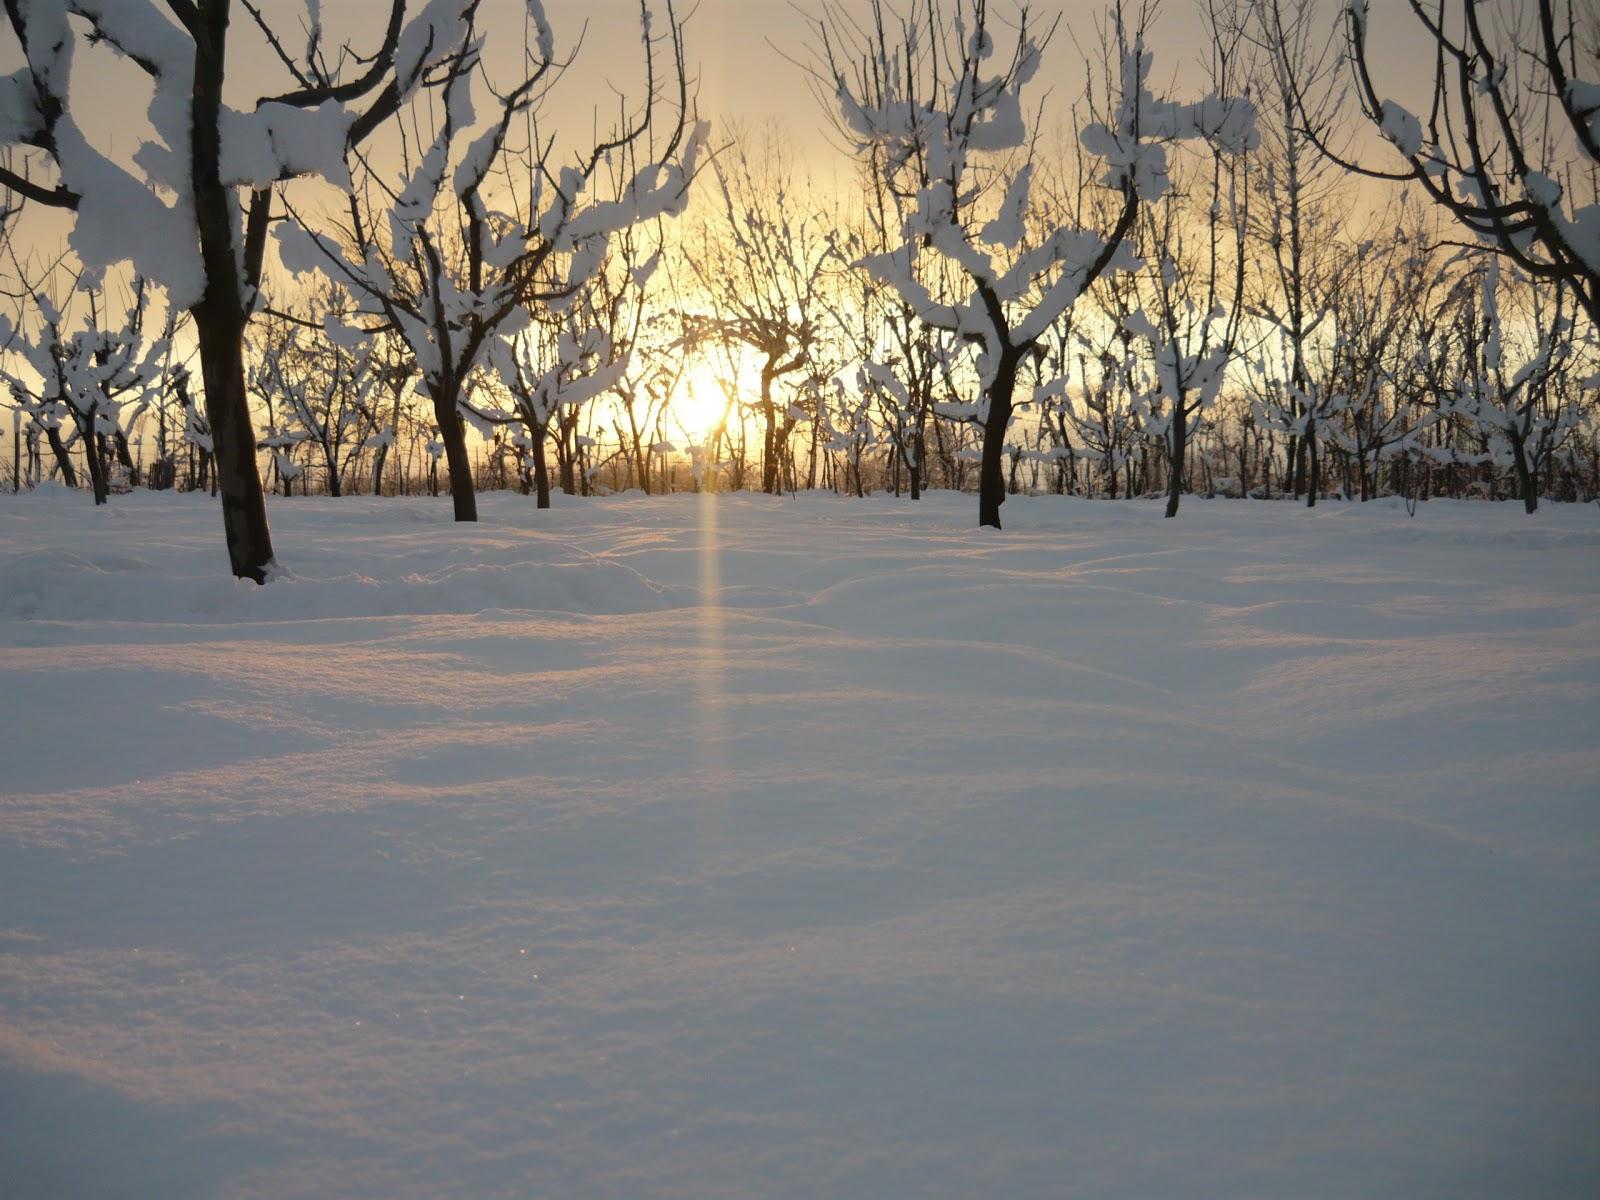 sunset in kashmir during snow wallpaper | hd kashmir wallpapers